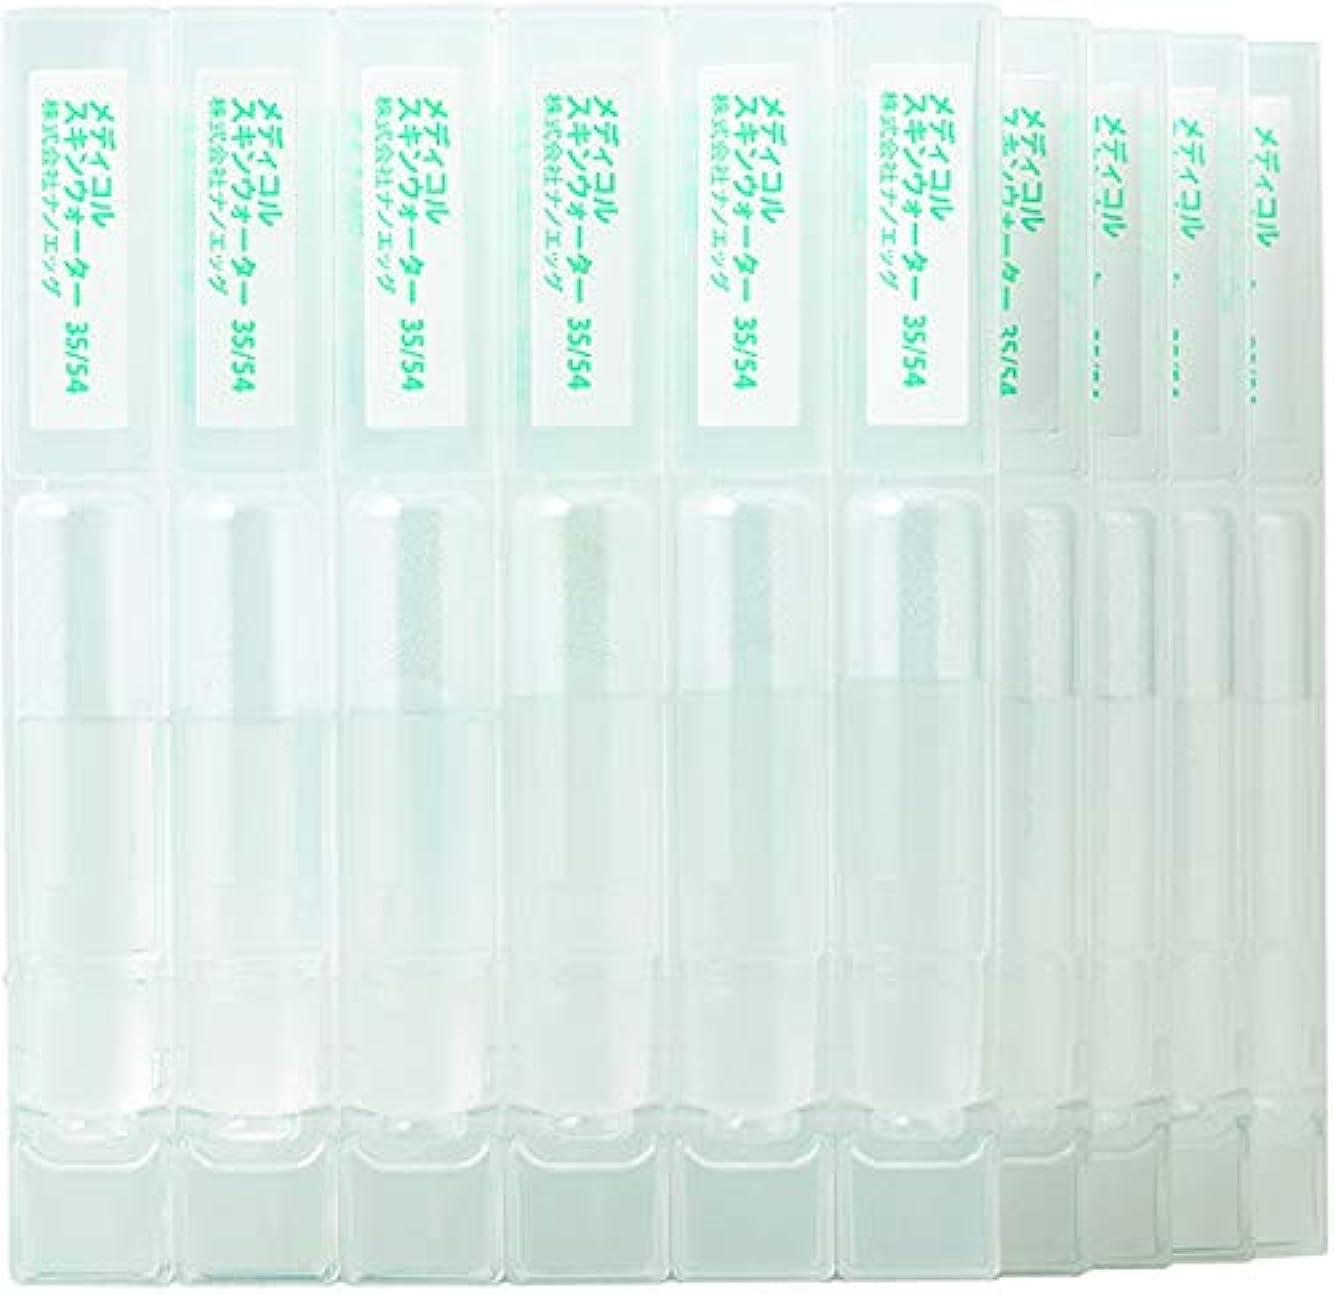 作りますパワーセル委託メディコル スキンウォーター 35/54 敏感肌・乾燥肌にうるおいを